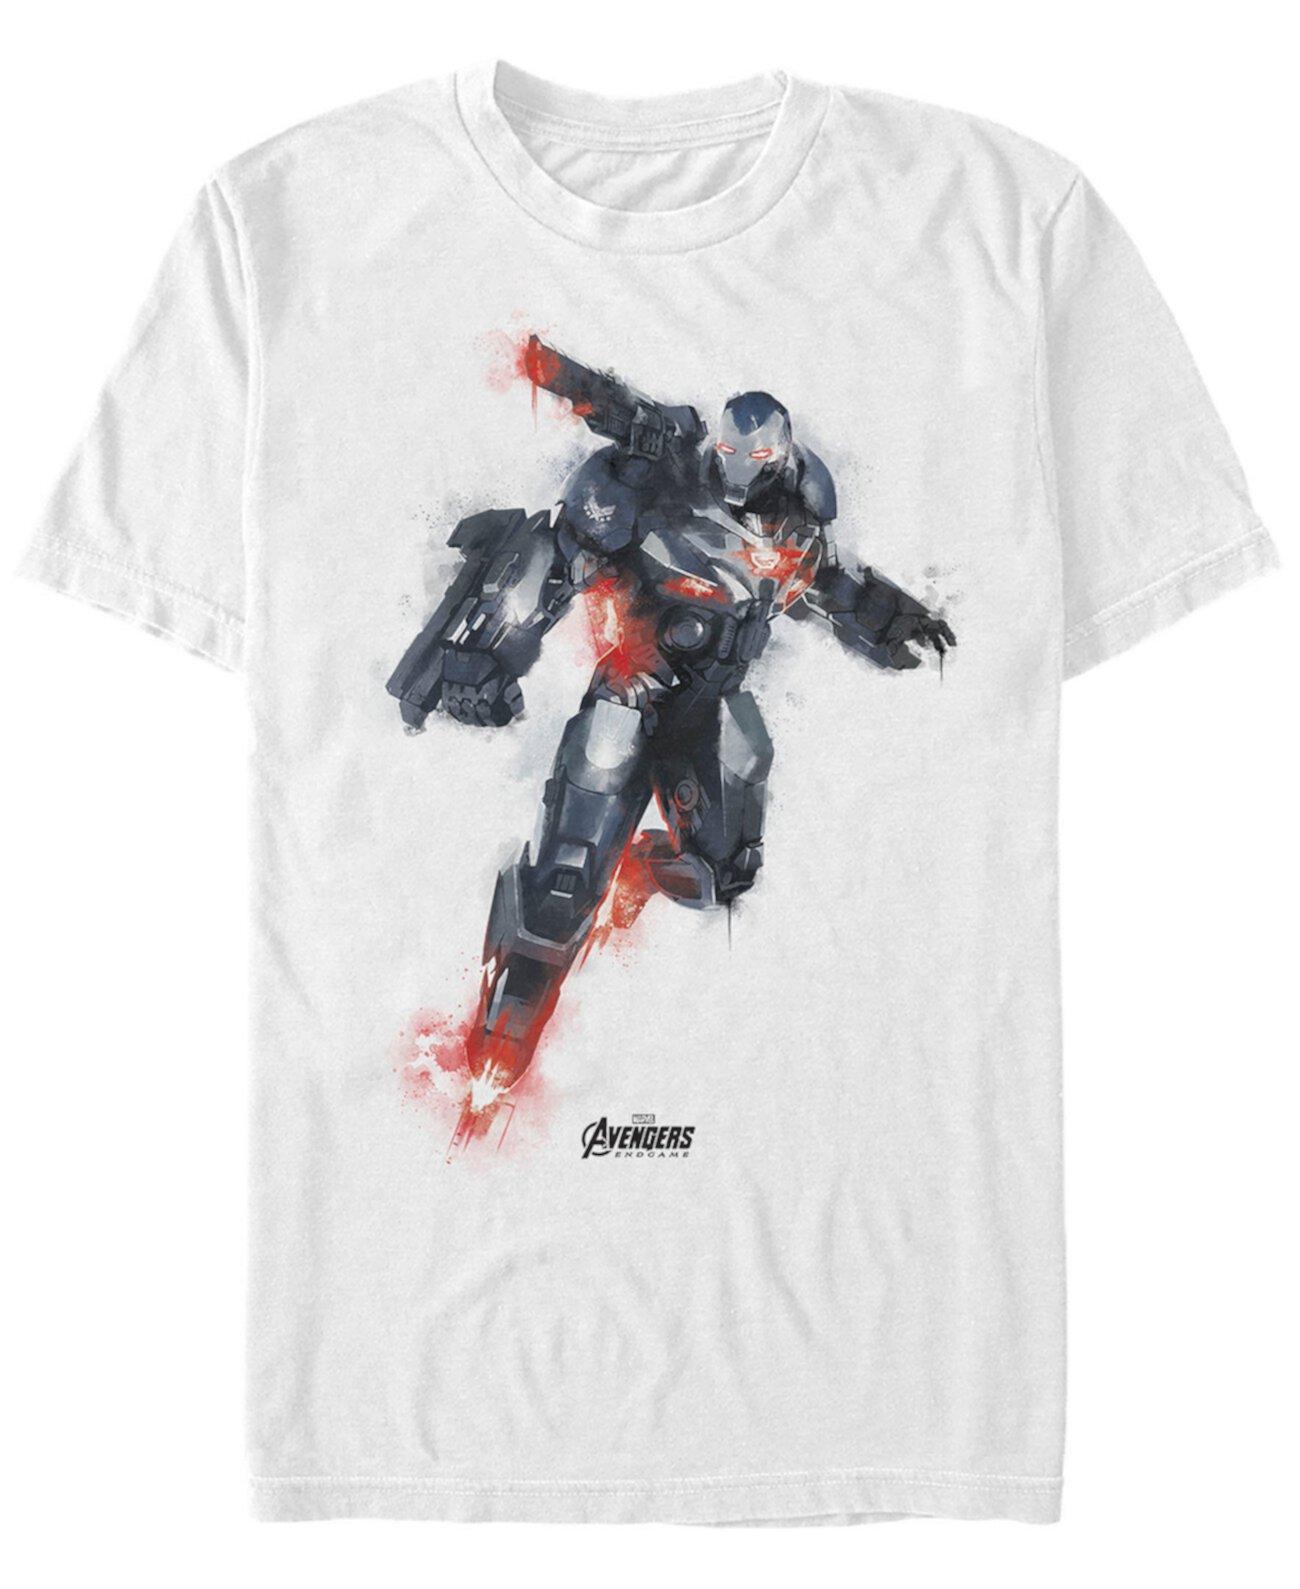 Мужская футболка с короткими рукавами для мстителей Marvel